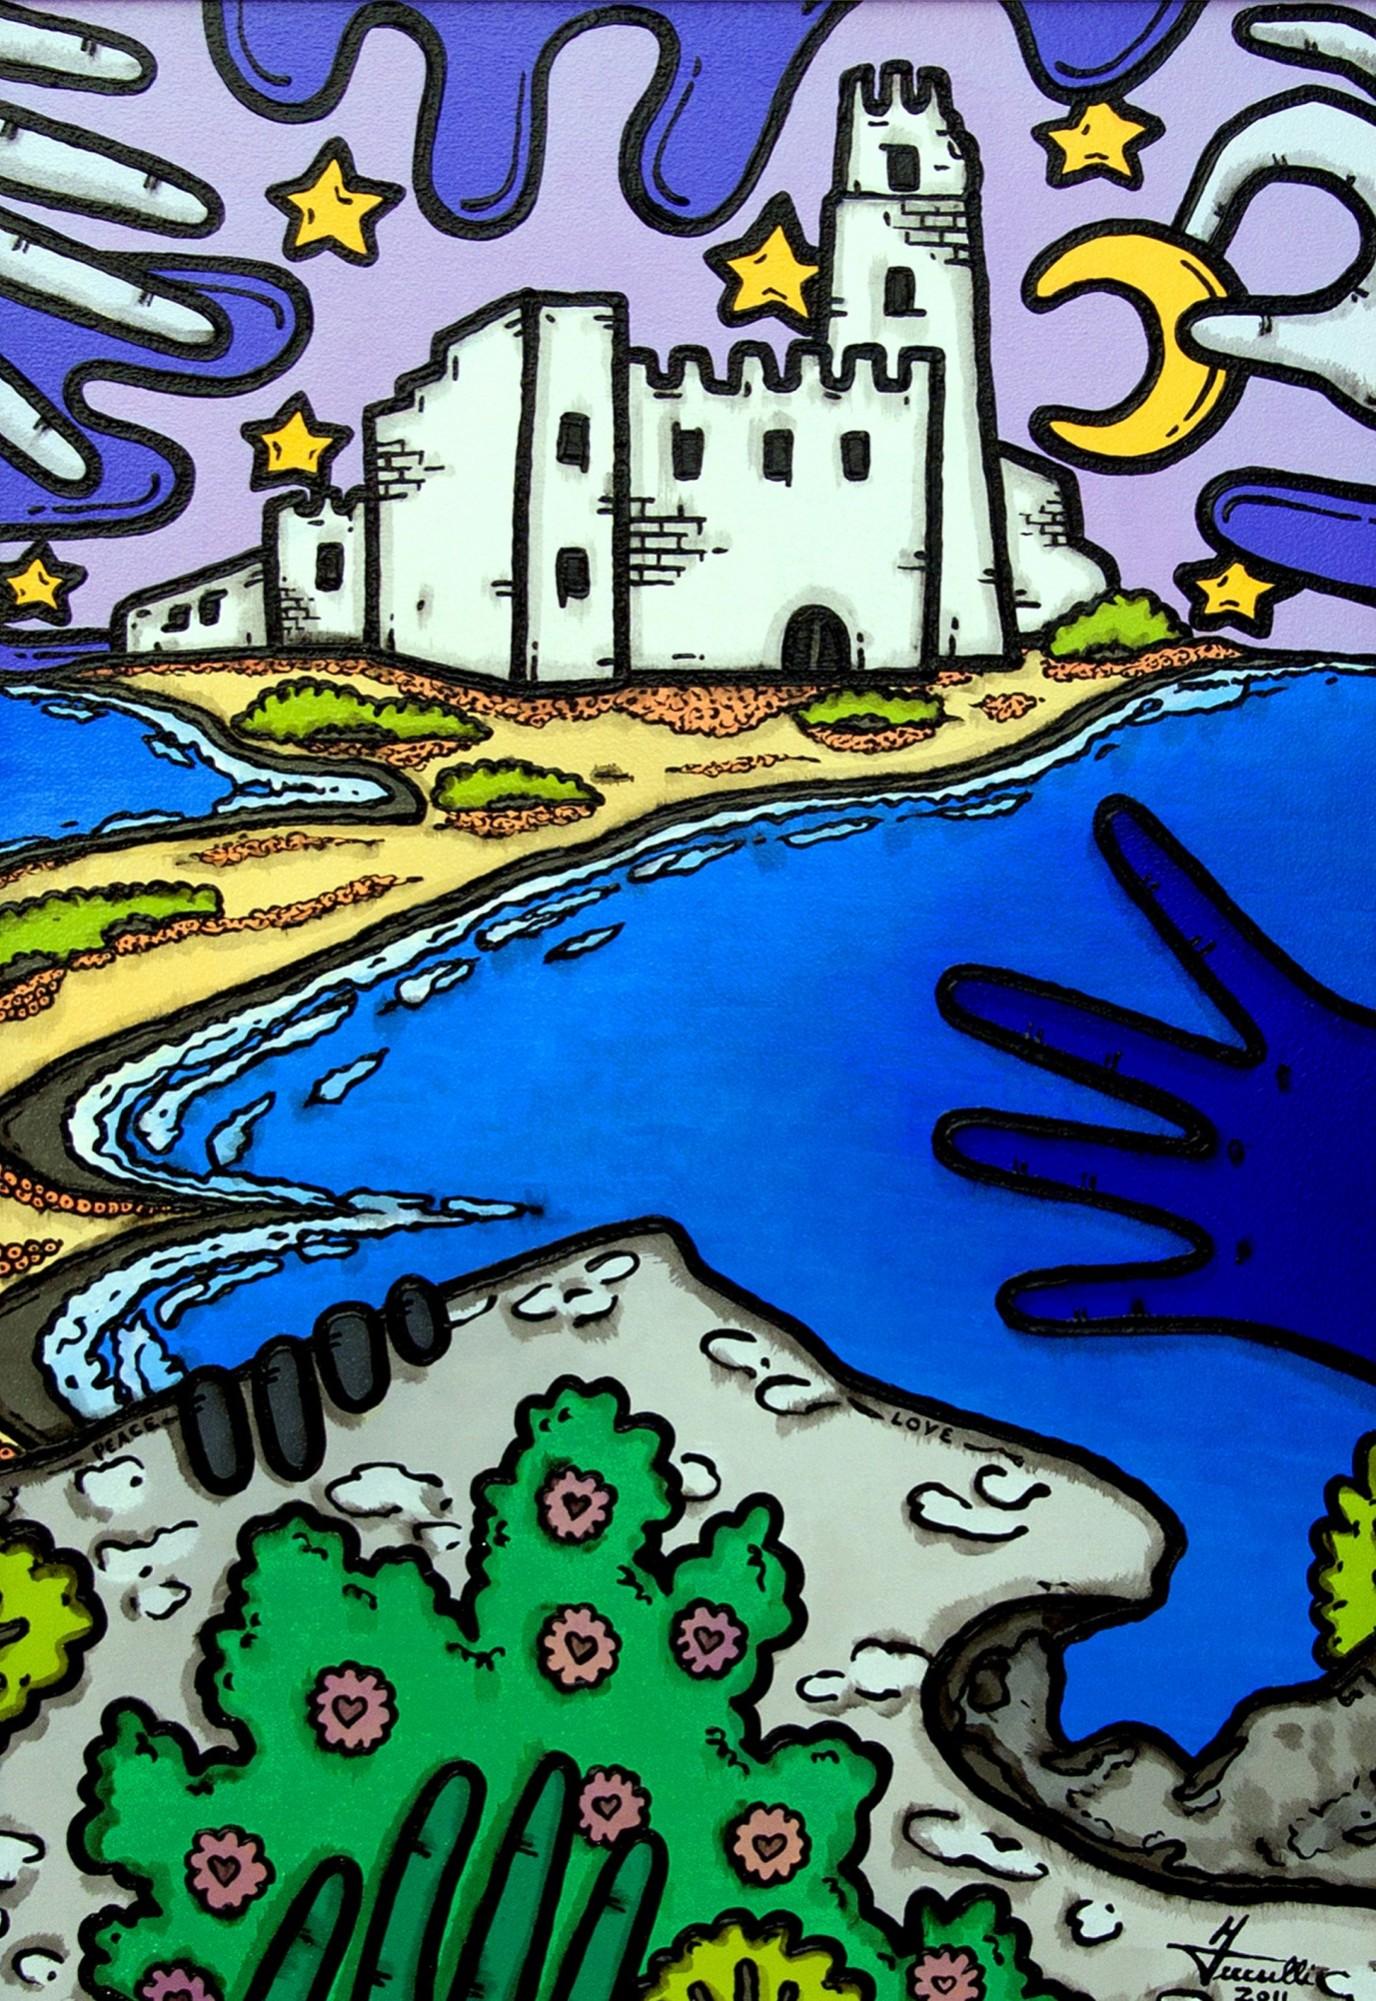 opera d'arte, contornismo metafisico, francesco ferrulli, pittore pugliese, artista italiano, arte contemporanea, dipinto, olio su tela, acrilico su tela, paesaggi pugliesi, quadro colorato, oil on canvas, art, painter, castello, maneggiando con cura